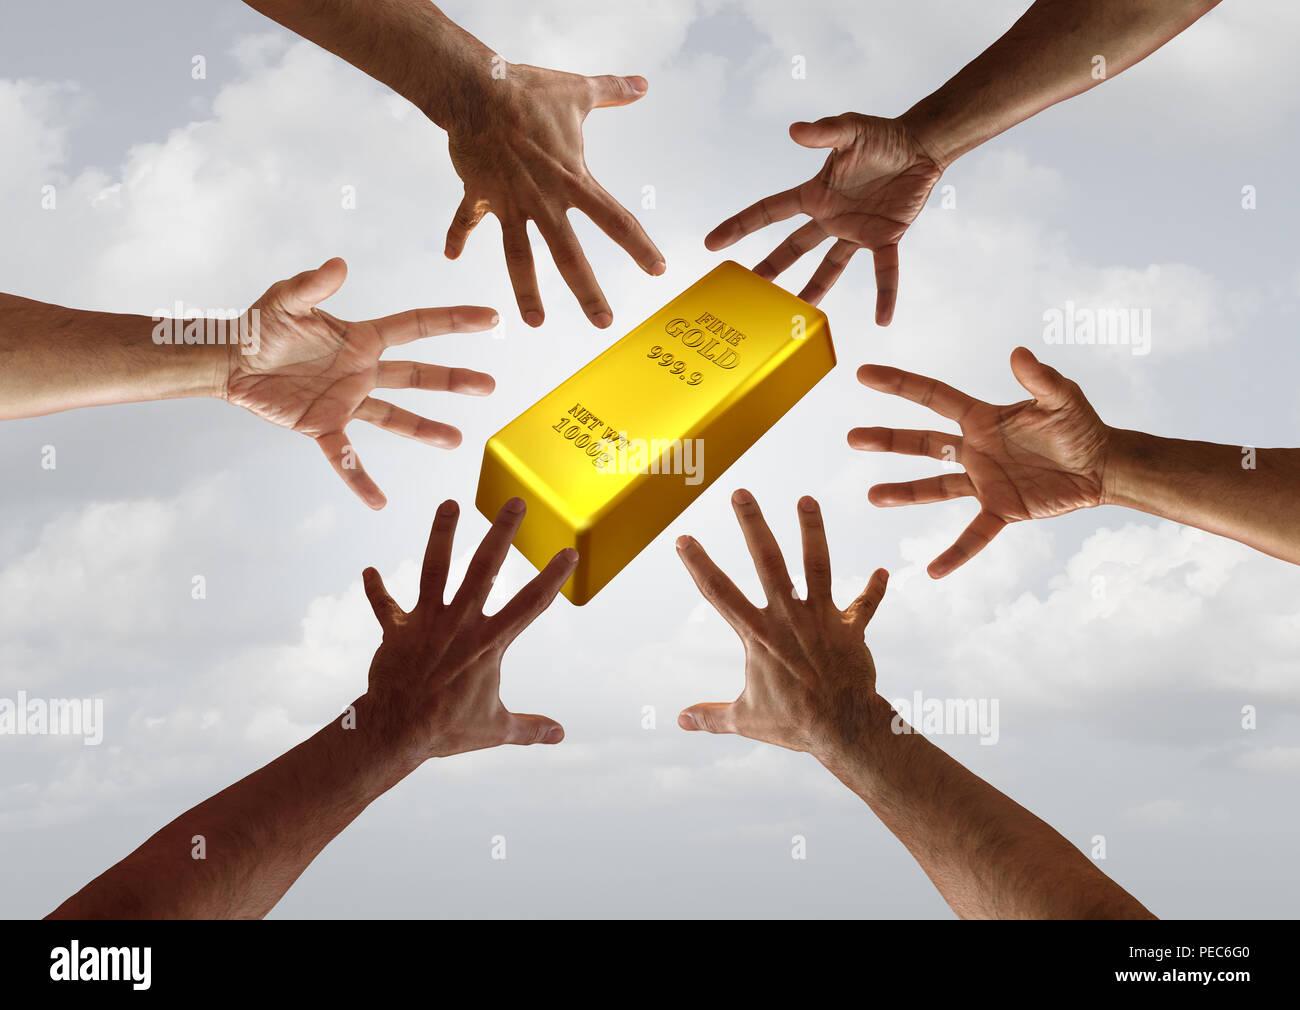 Oro y la demanda mundiales de productos financieros y de inversión comercial concepto tan diversas manos alcanzando una barra de oro. Imagen De Stock